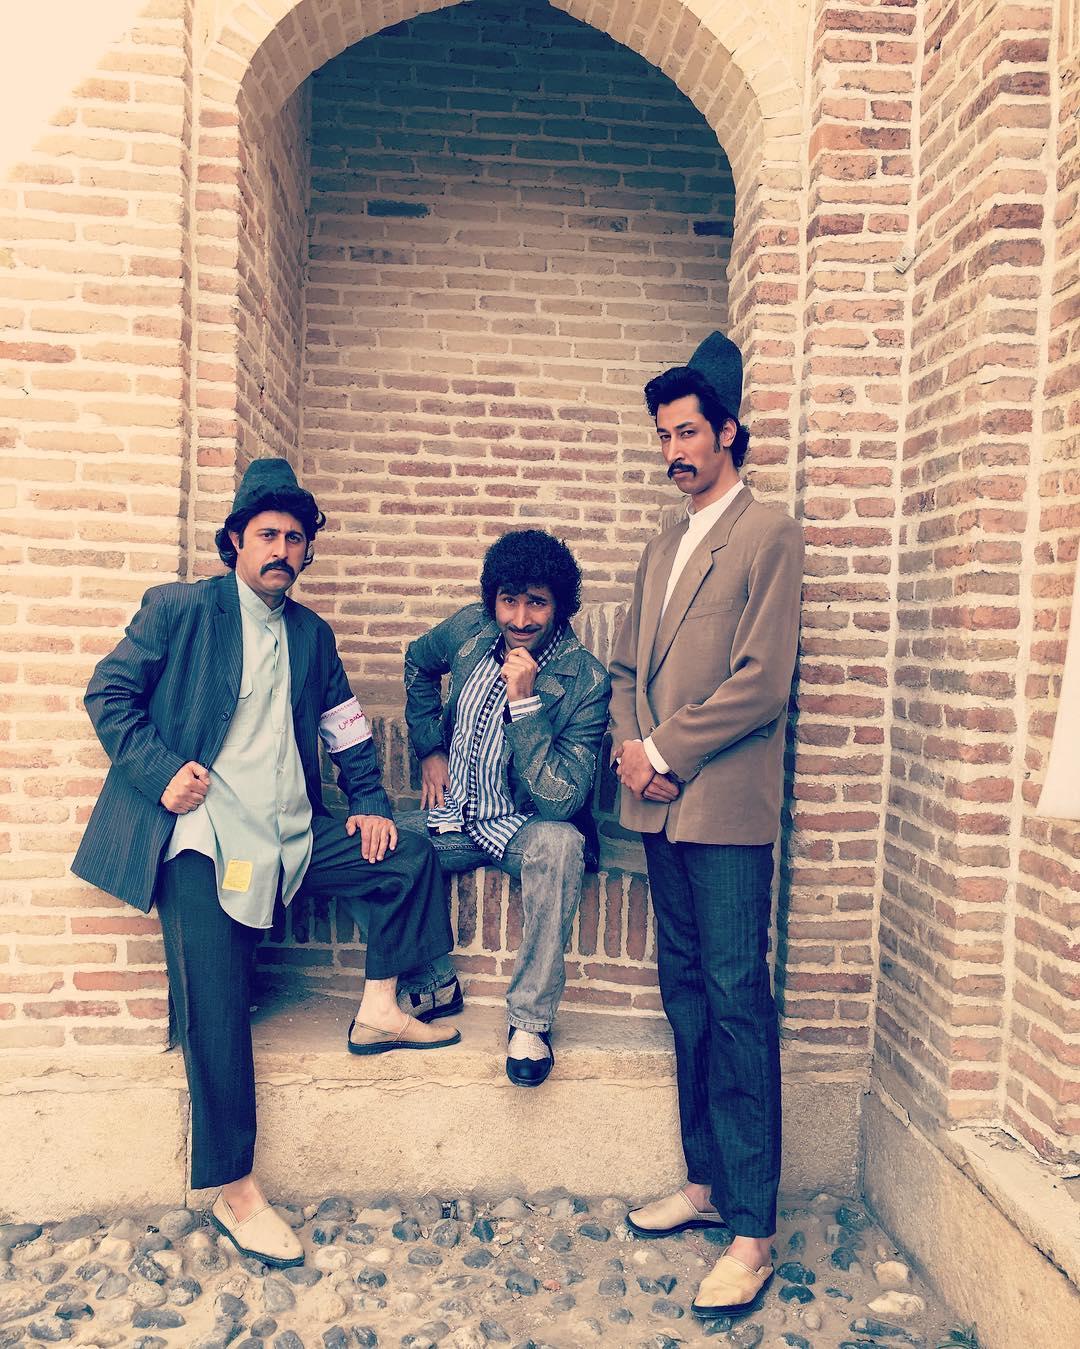 تصاویر جالب ، از گریم بازیگران سریال علی البدل , عکس بازیگران